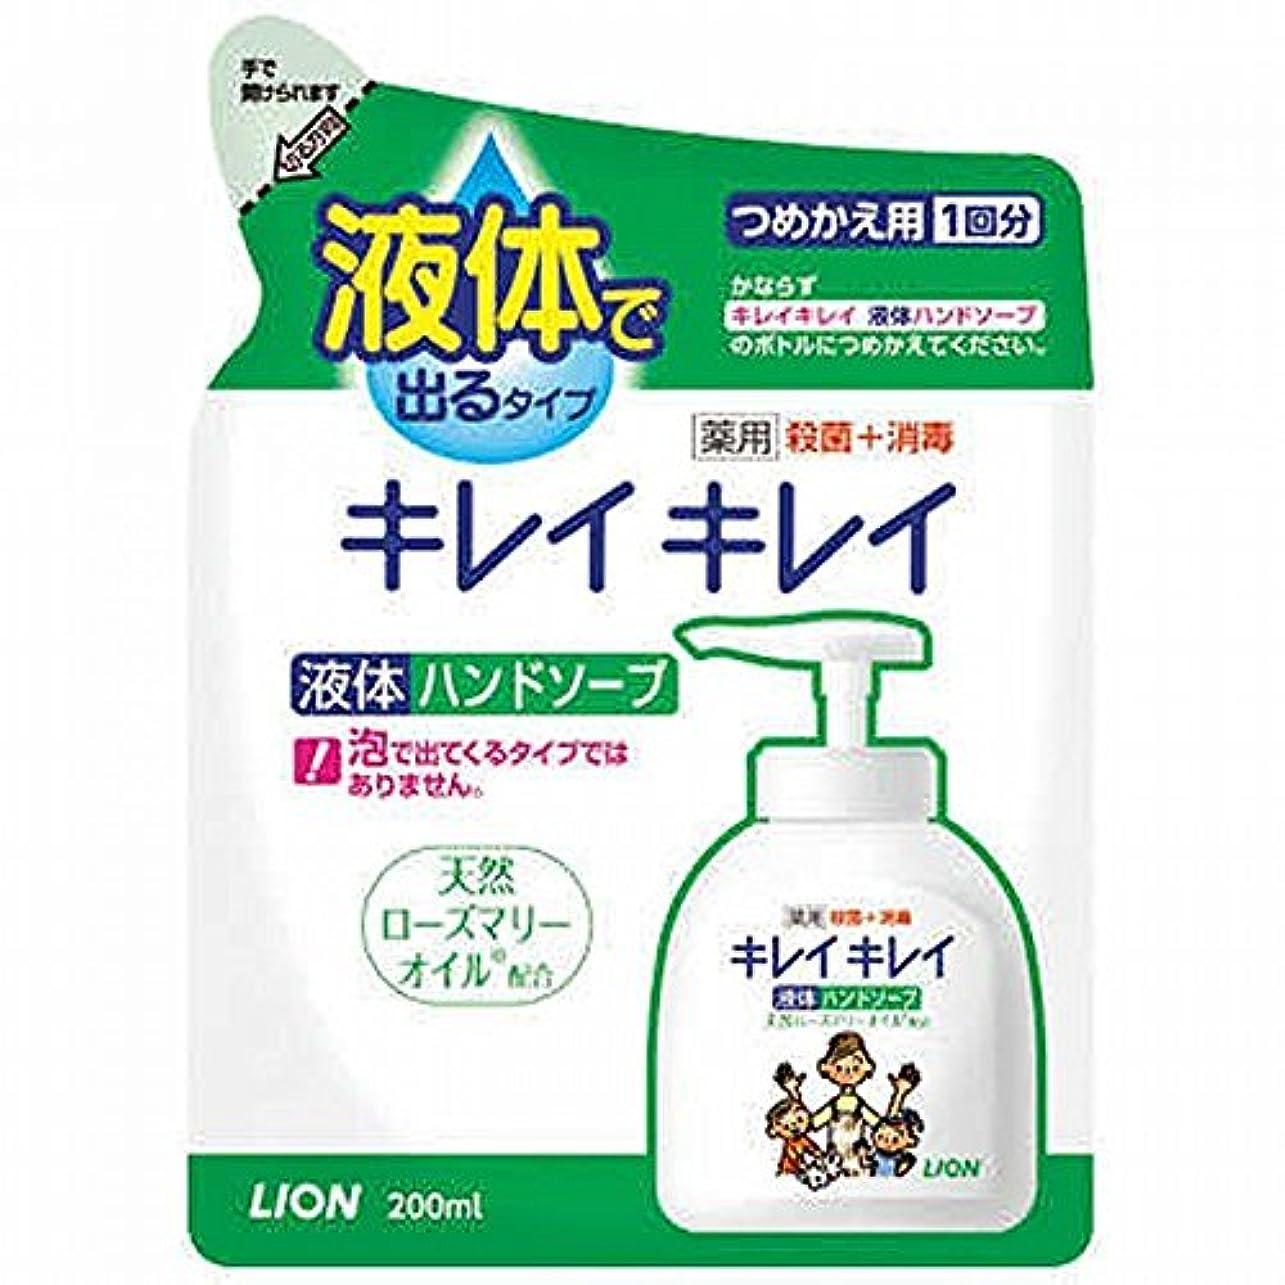 虫を数えるセント責任キレイキレイ 薬用液体ハンドソープ  詰替用 200ml ×20個セット